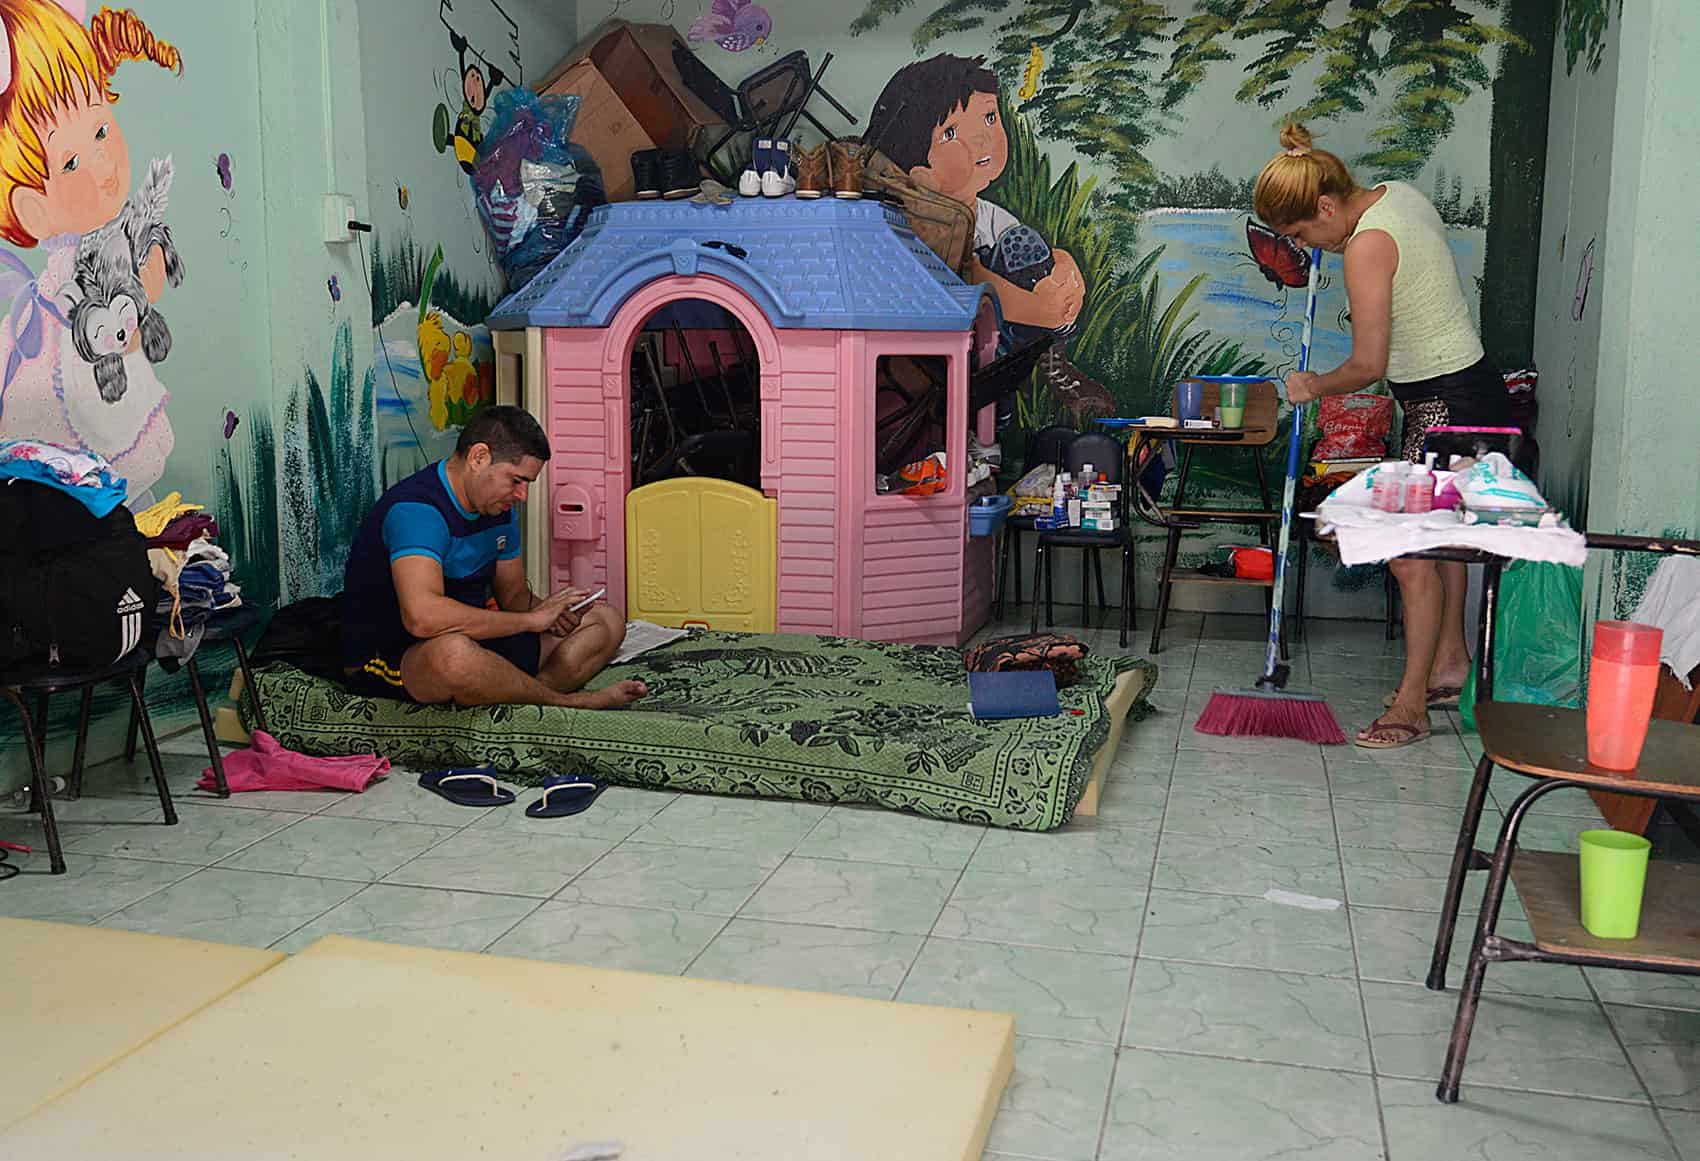 Cuban migrants shelter